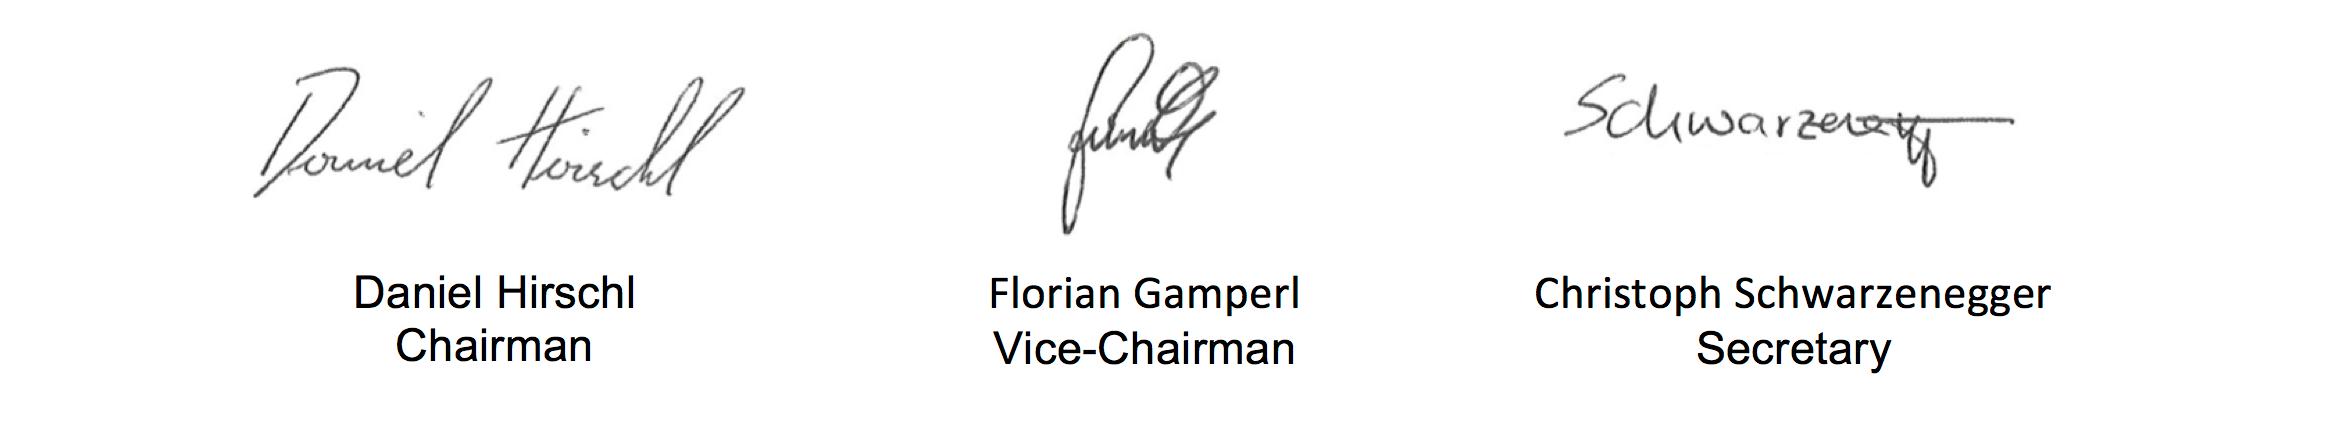 SignatureBanner